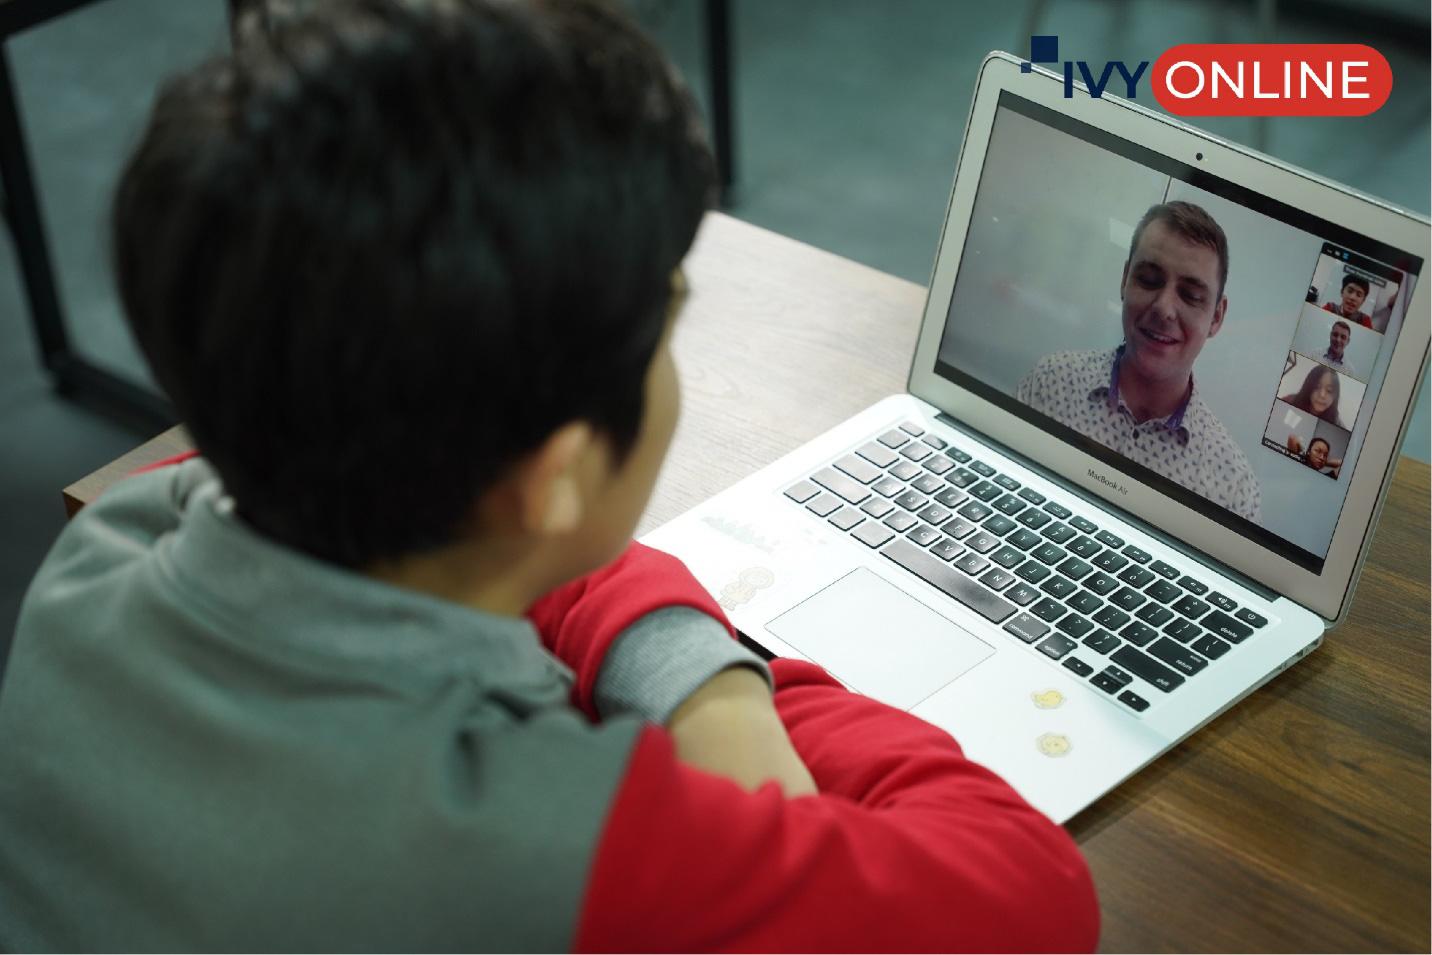 IvyPrep Education ra mắt thương hiệu IvyOnline đào tạo tiếng Anh học thuật và hướng dẫn du học trực tuyến - Ảnh 2.